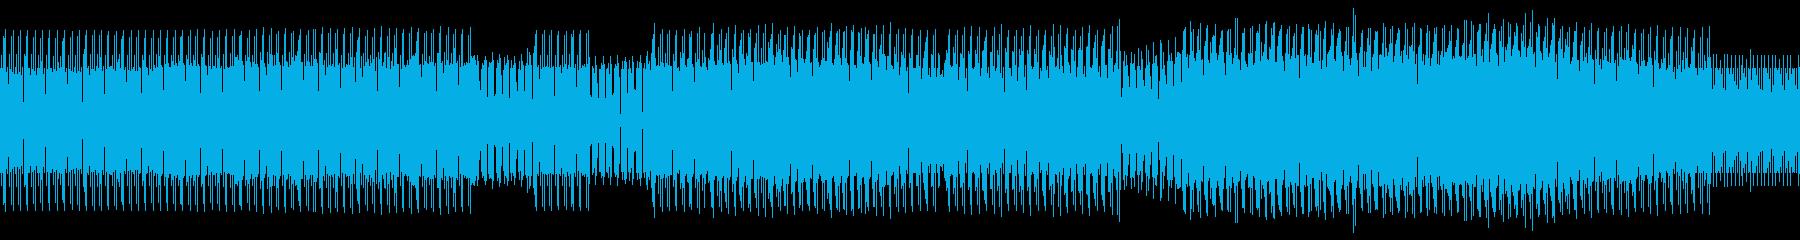 煌びやかなテクノの再生済みの波形